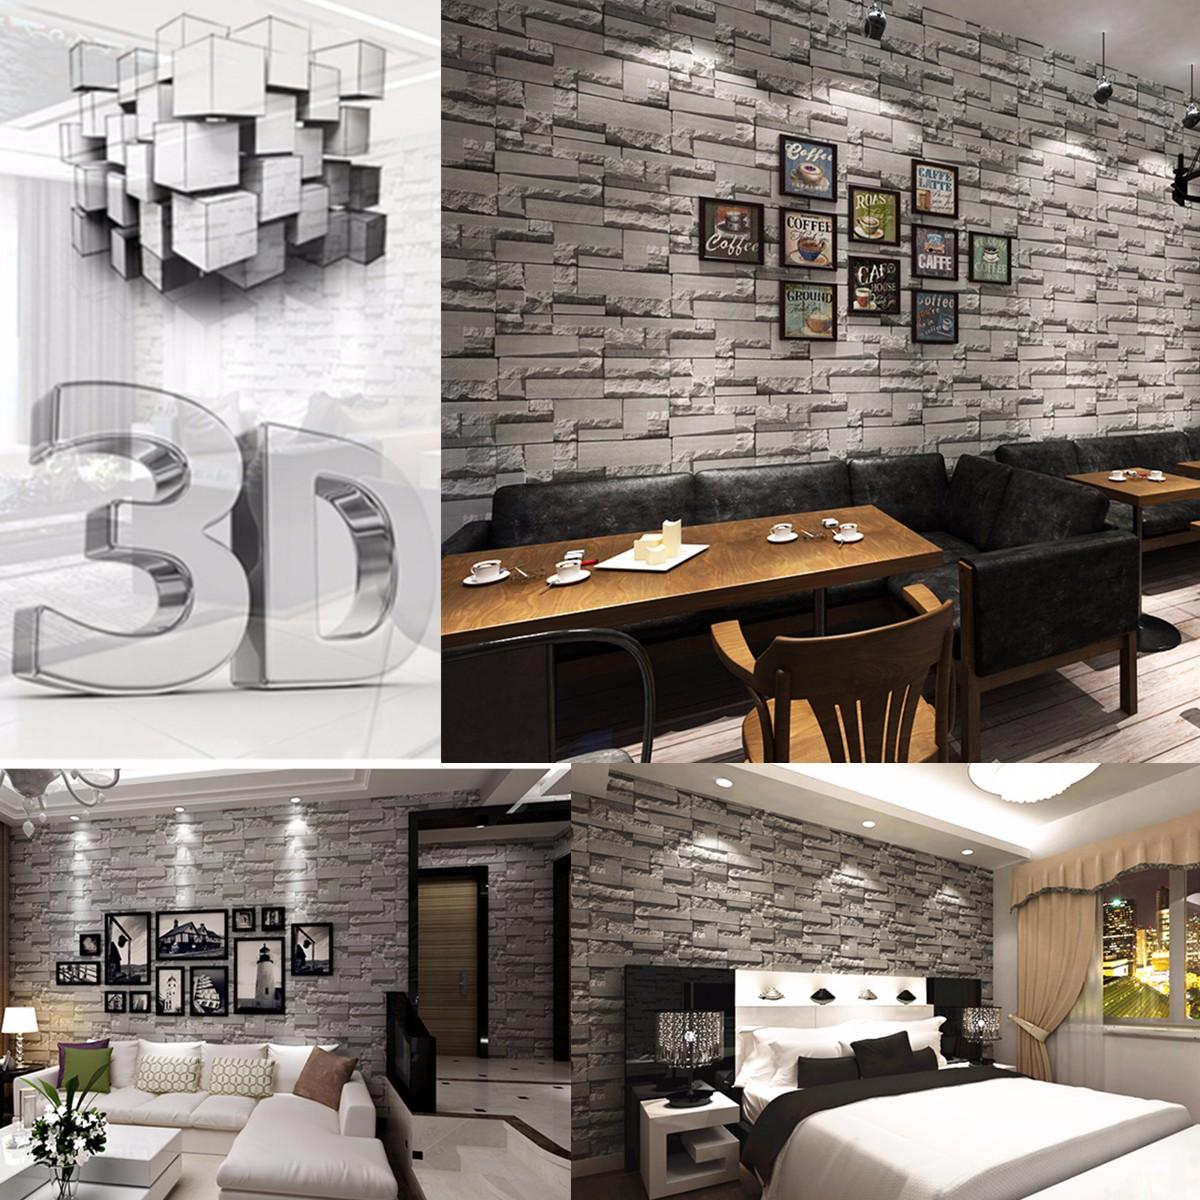 3d brique papier peint fond mur wallpaper pr decoration salon h tel bar achat vente. Black Bedroom Furniture Sets. Home Design Ideas